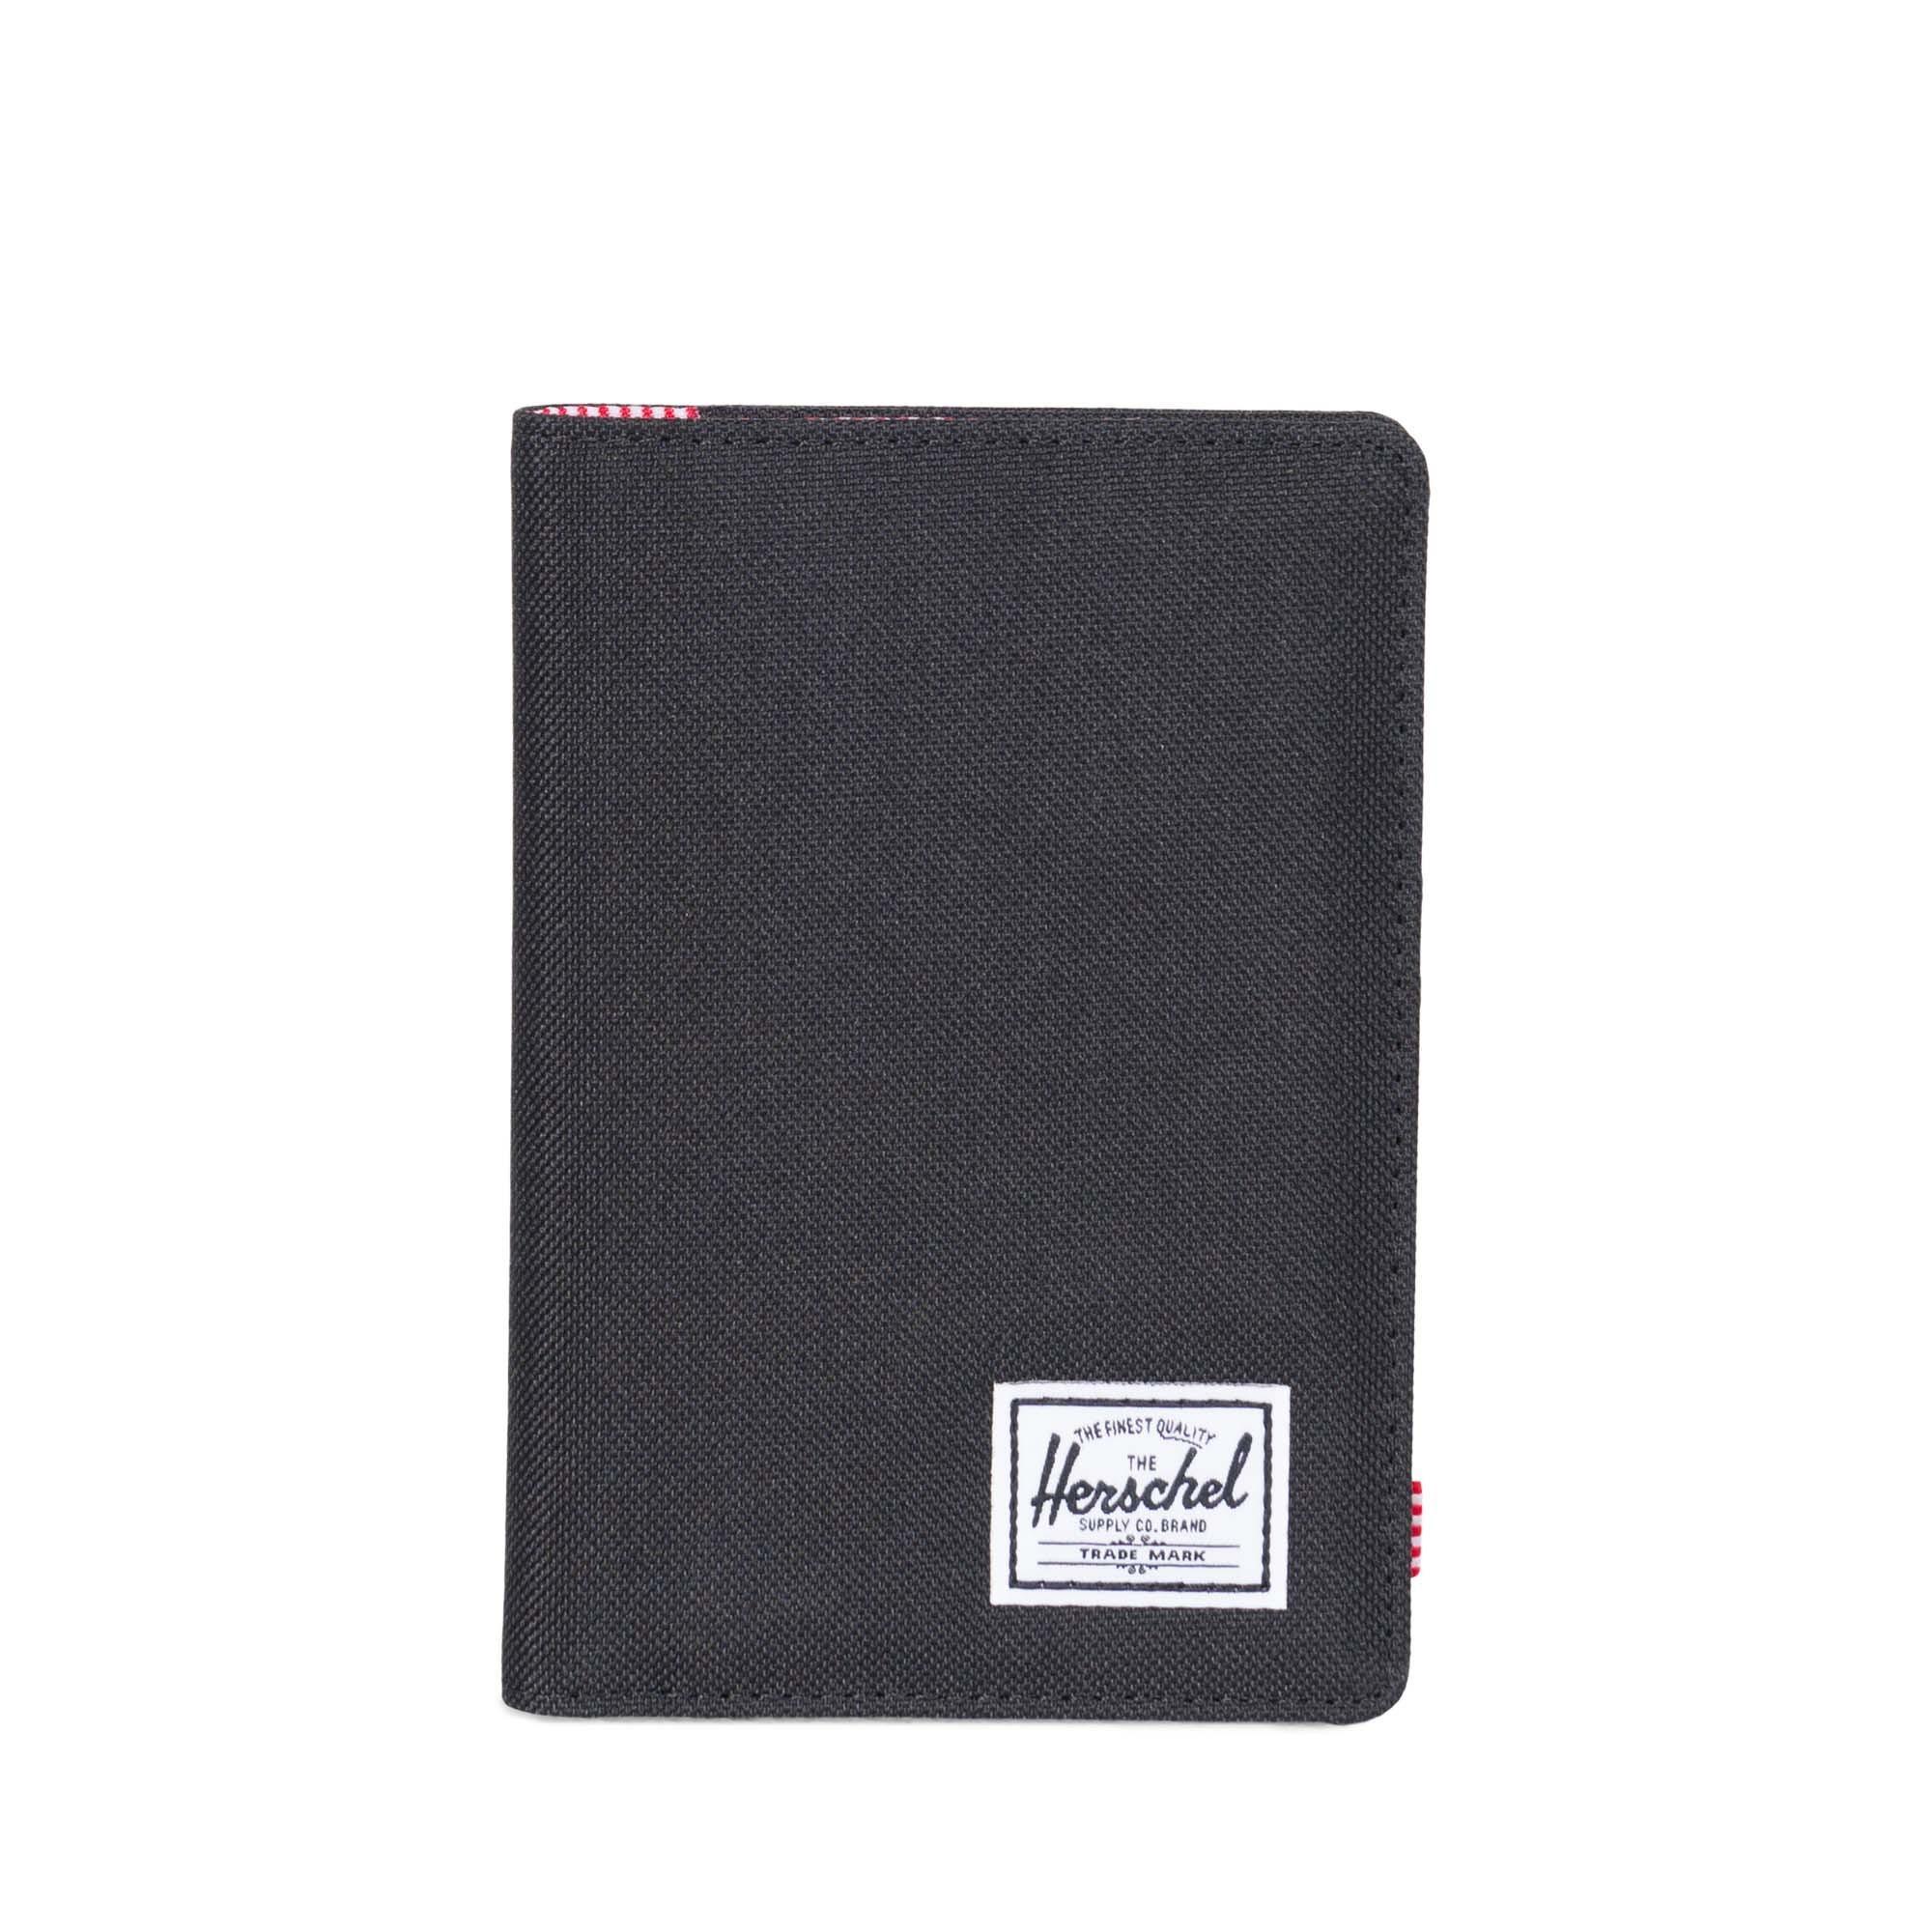 Herschel Raynor Passport Holder RFID - Black